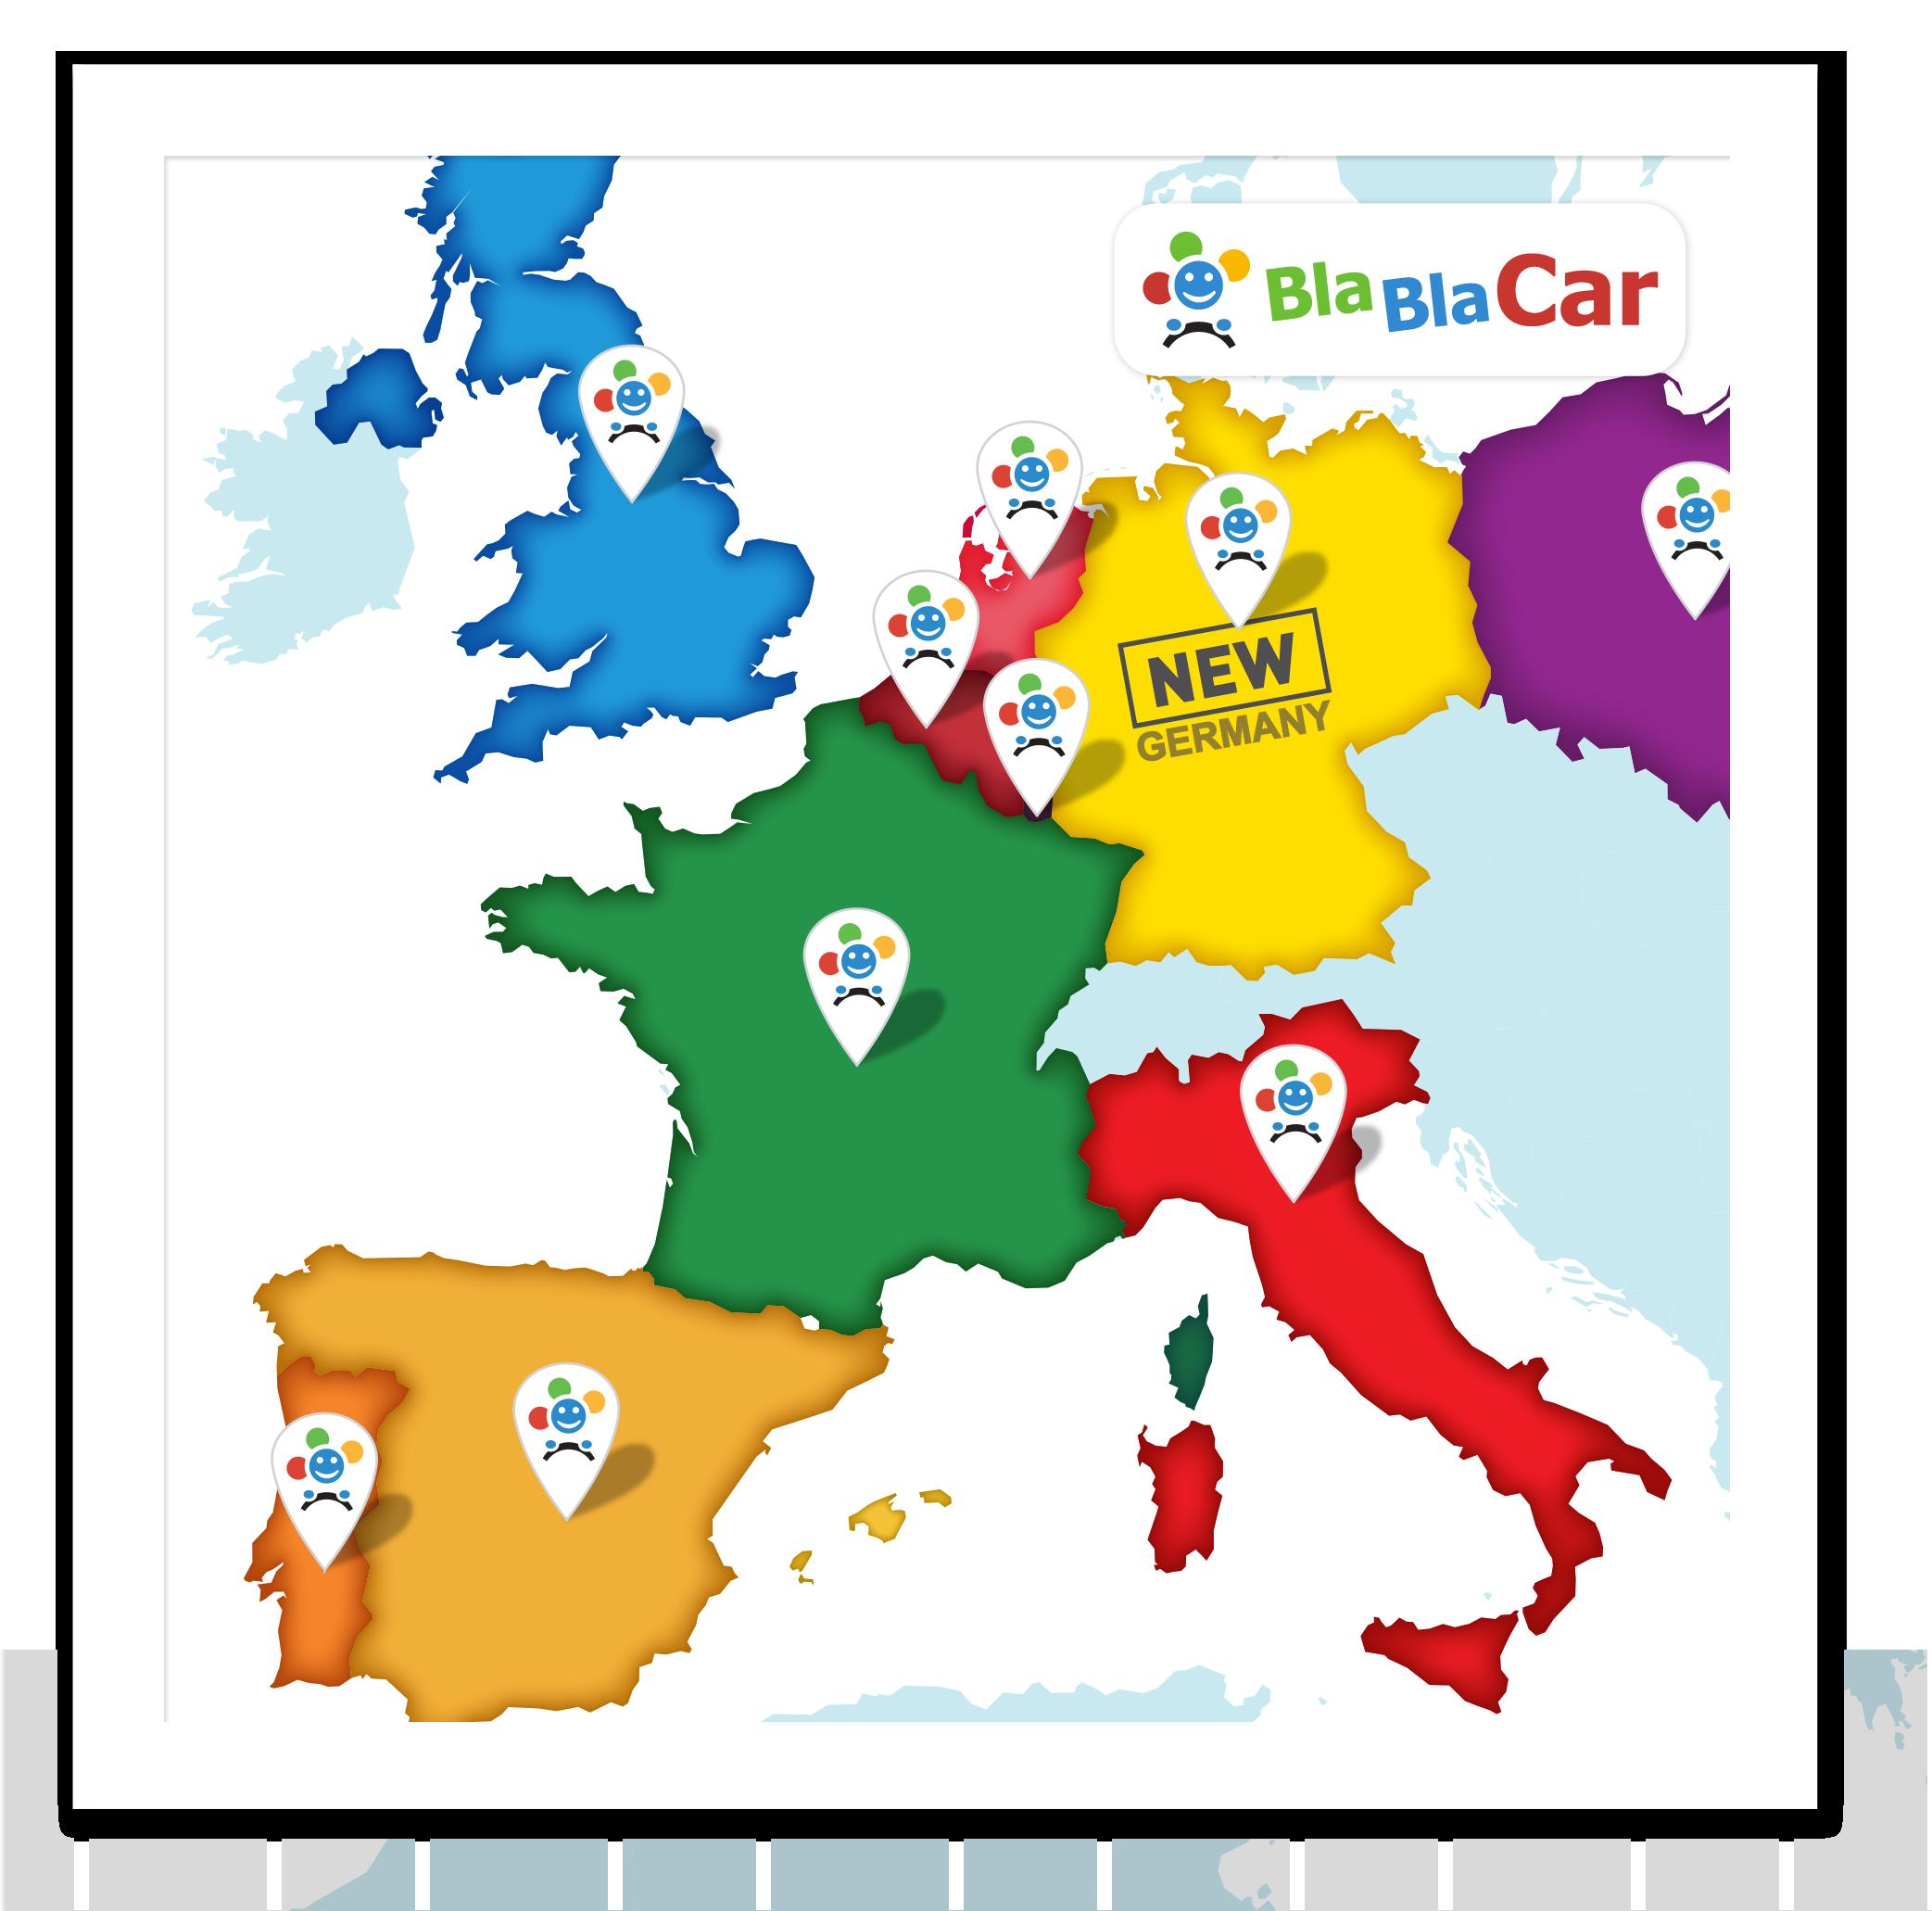 blablacar_europe